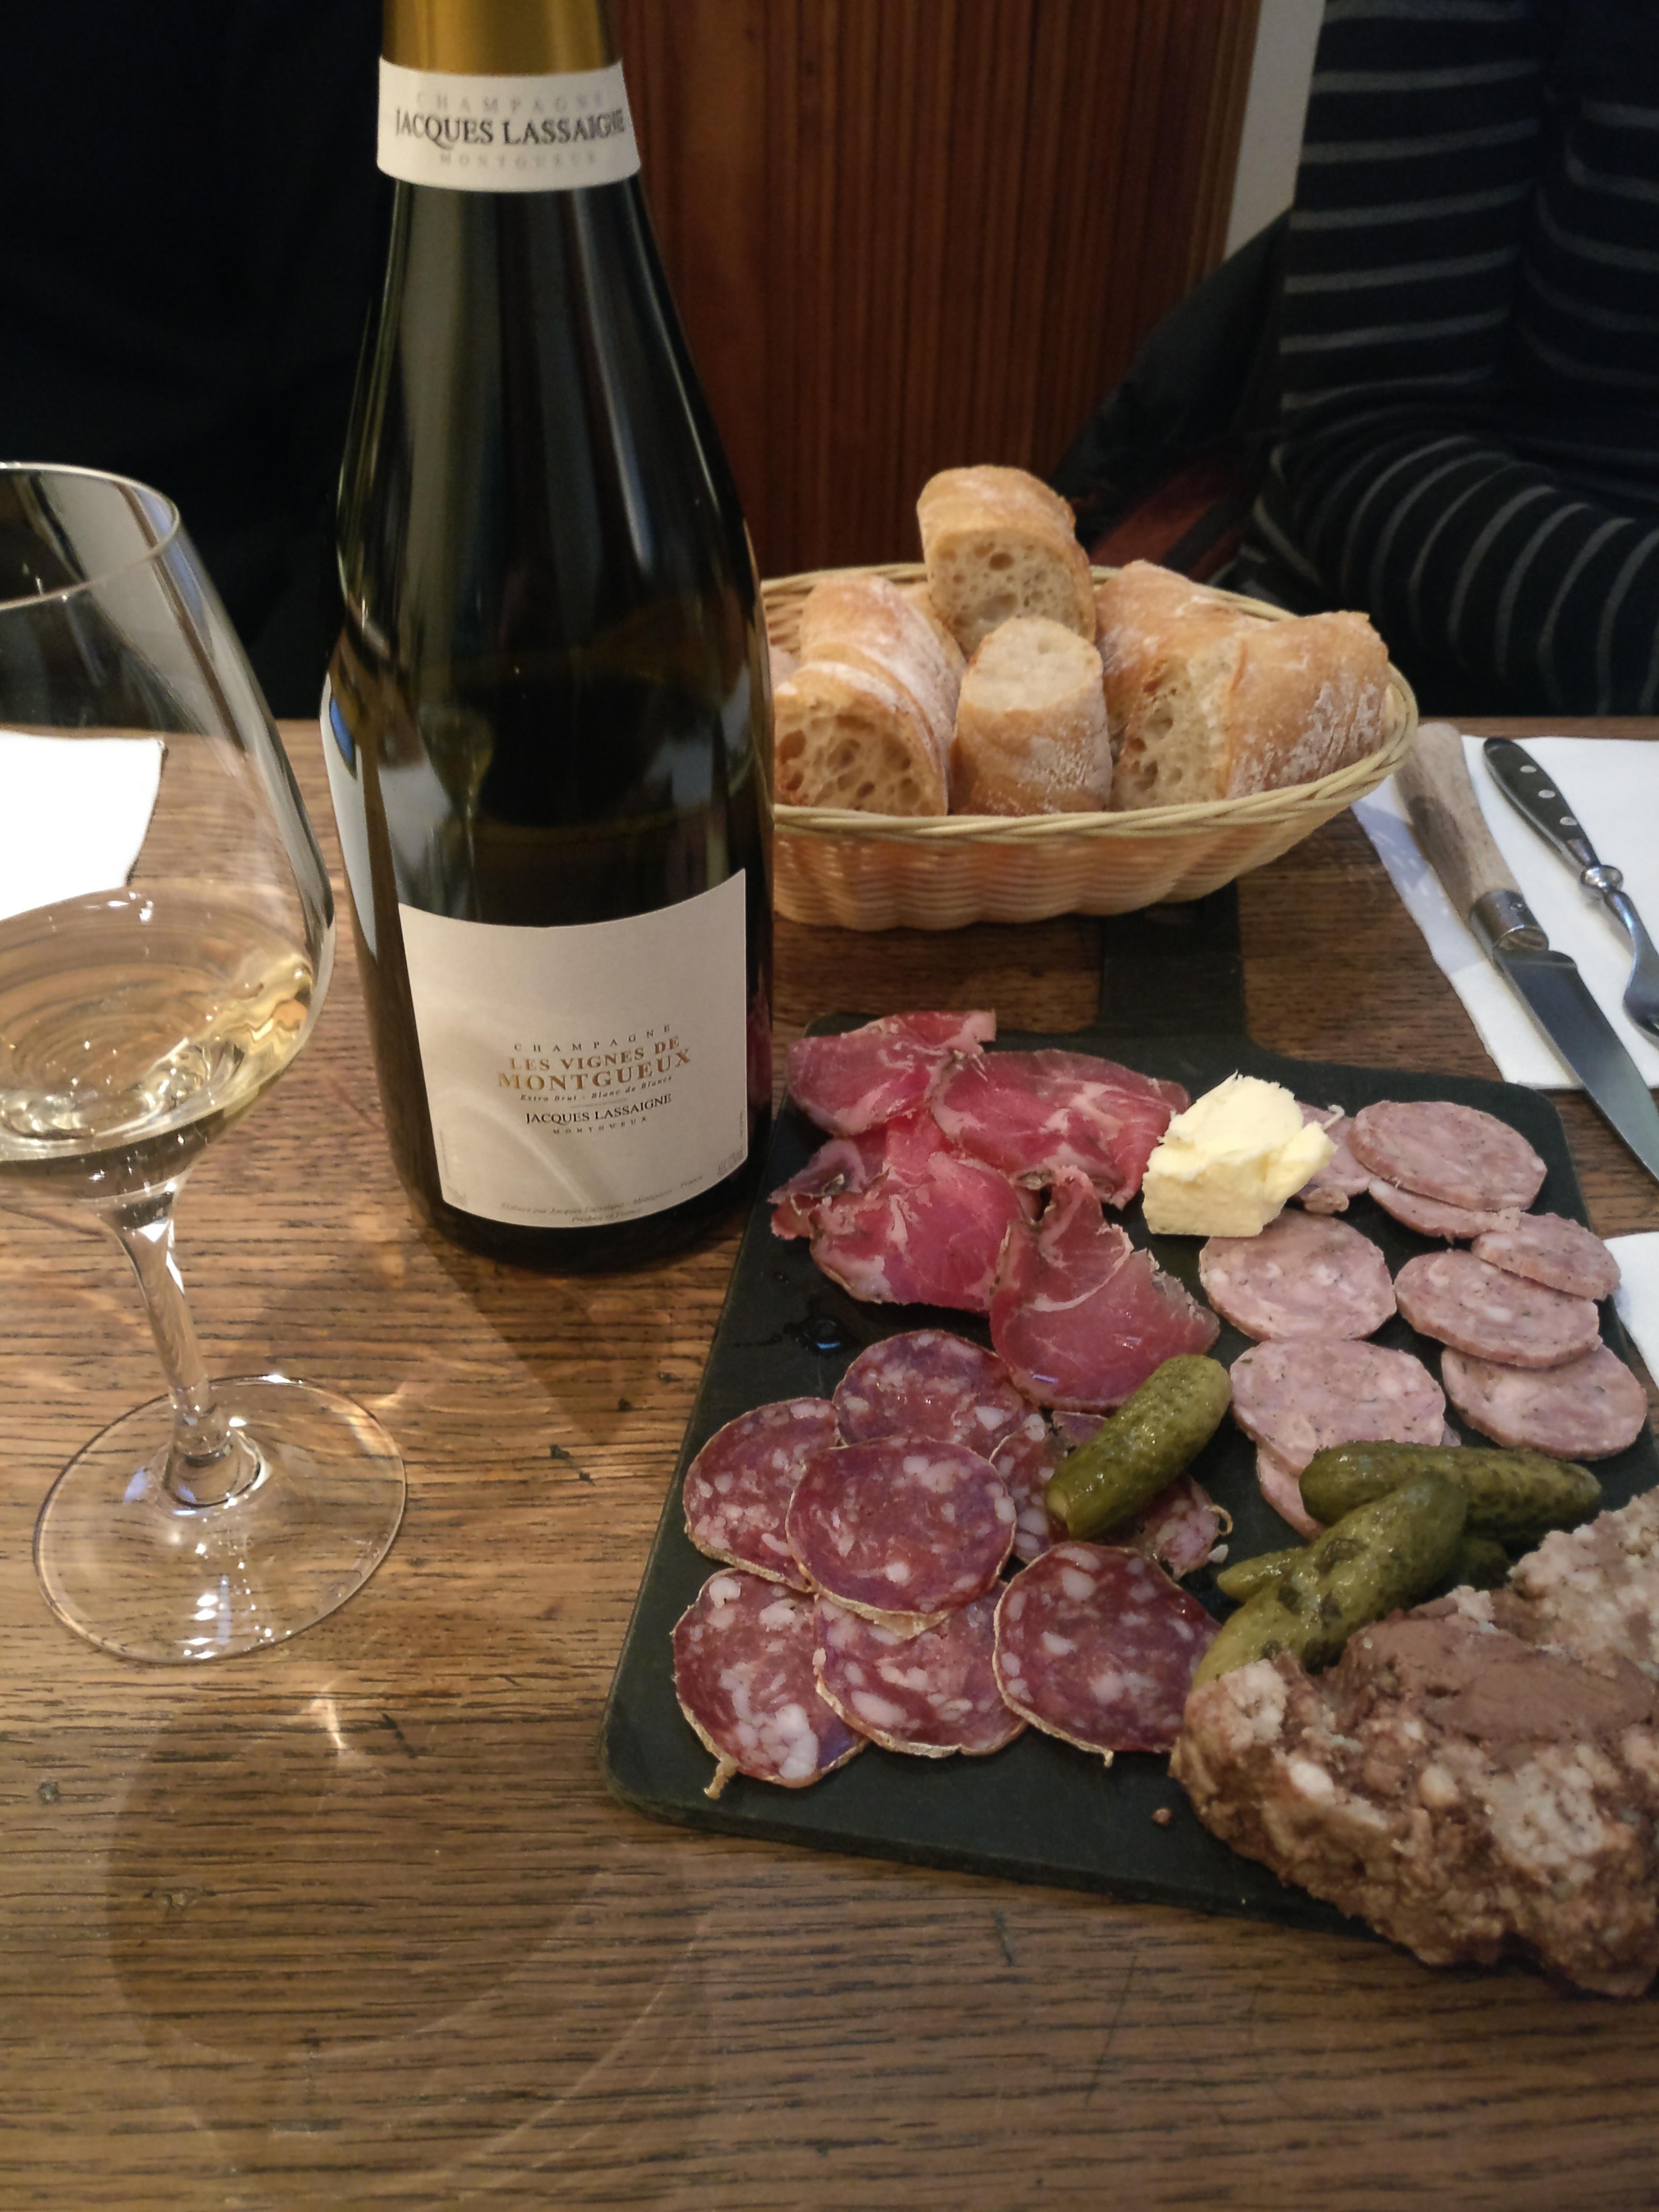 Champagne Jacque Lassaigne Les Vignes de Montgueux Côte des Bar en Champagne